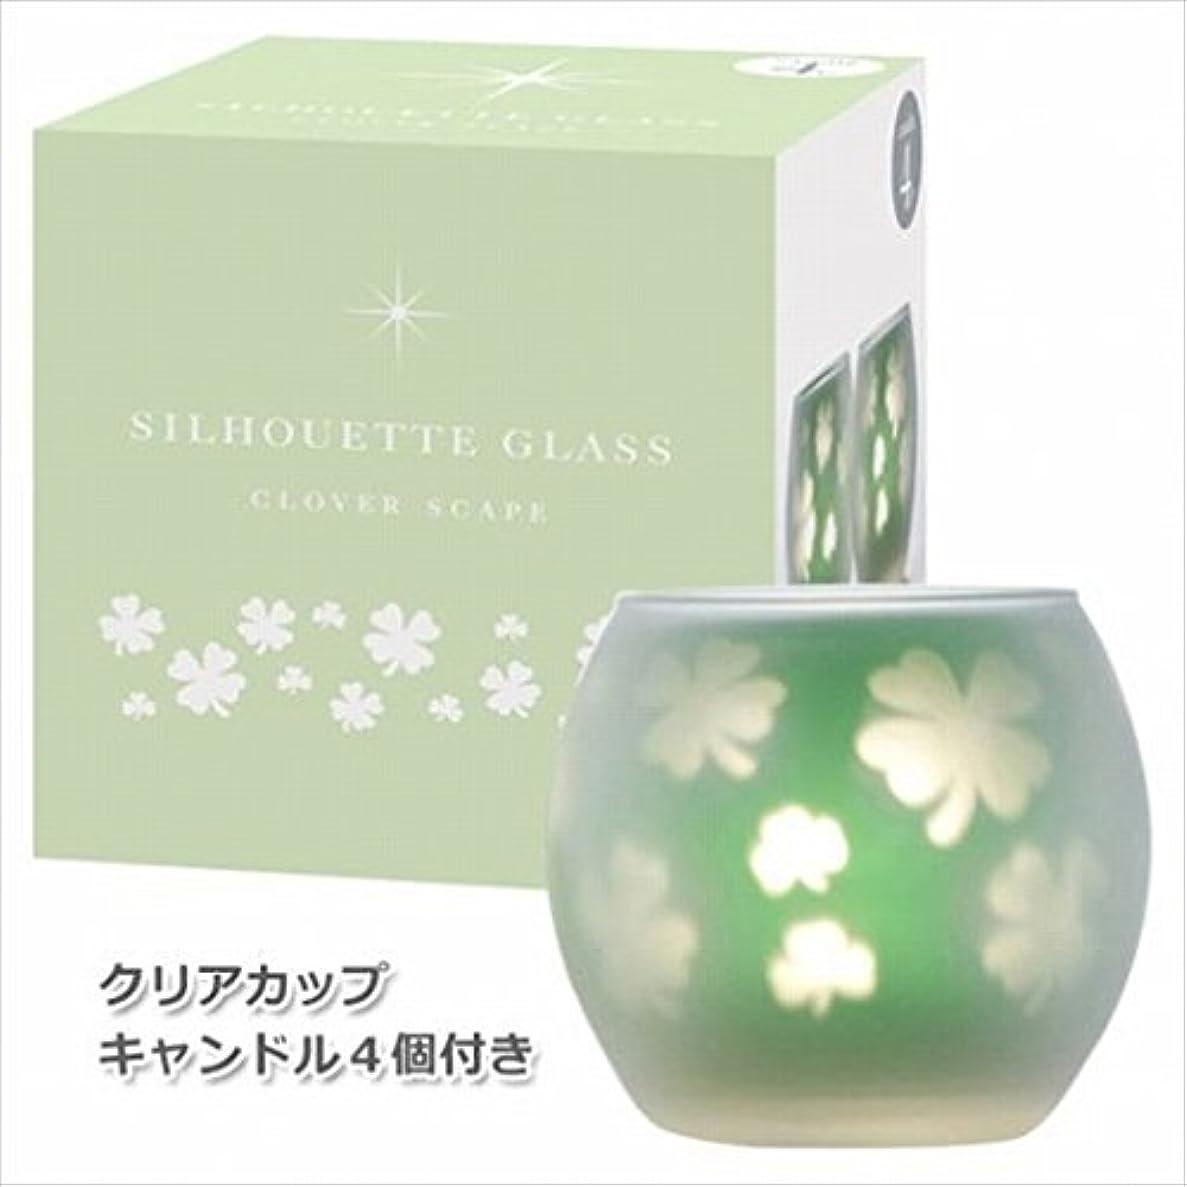 硬い水銀の避けるカメヤマキャンドル(kameyama candle) クローバースケープ2【キャンドル4個付き】 シルエットグラス